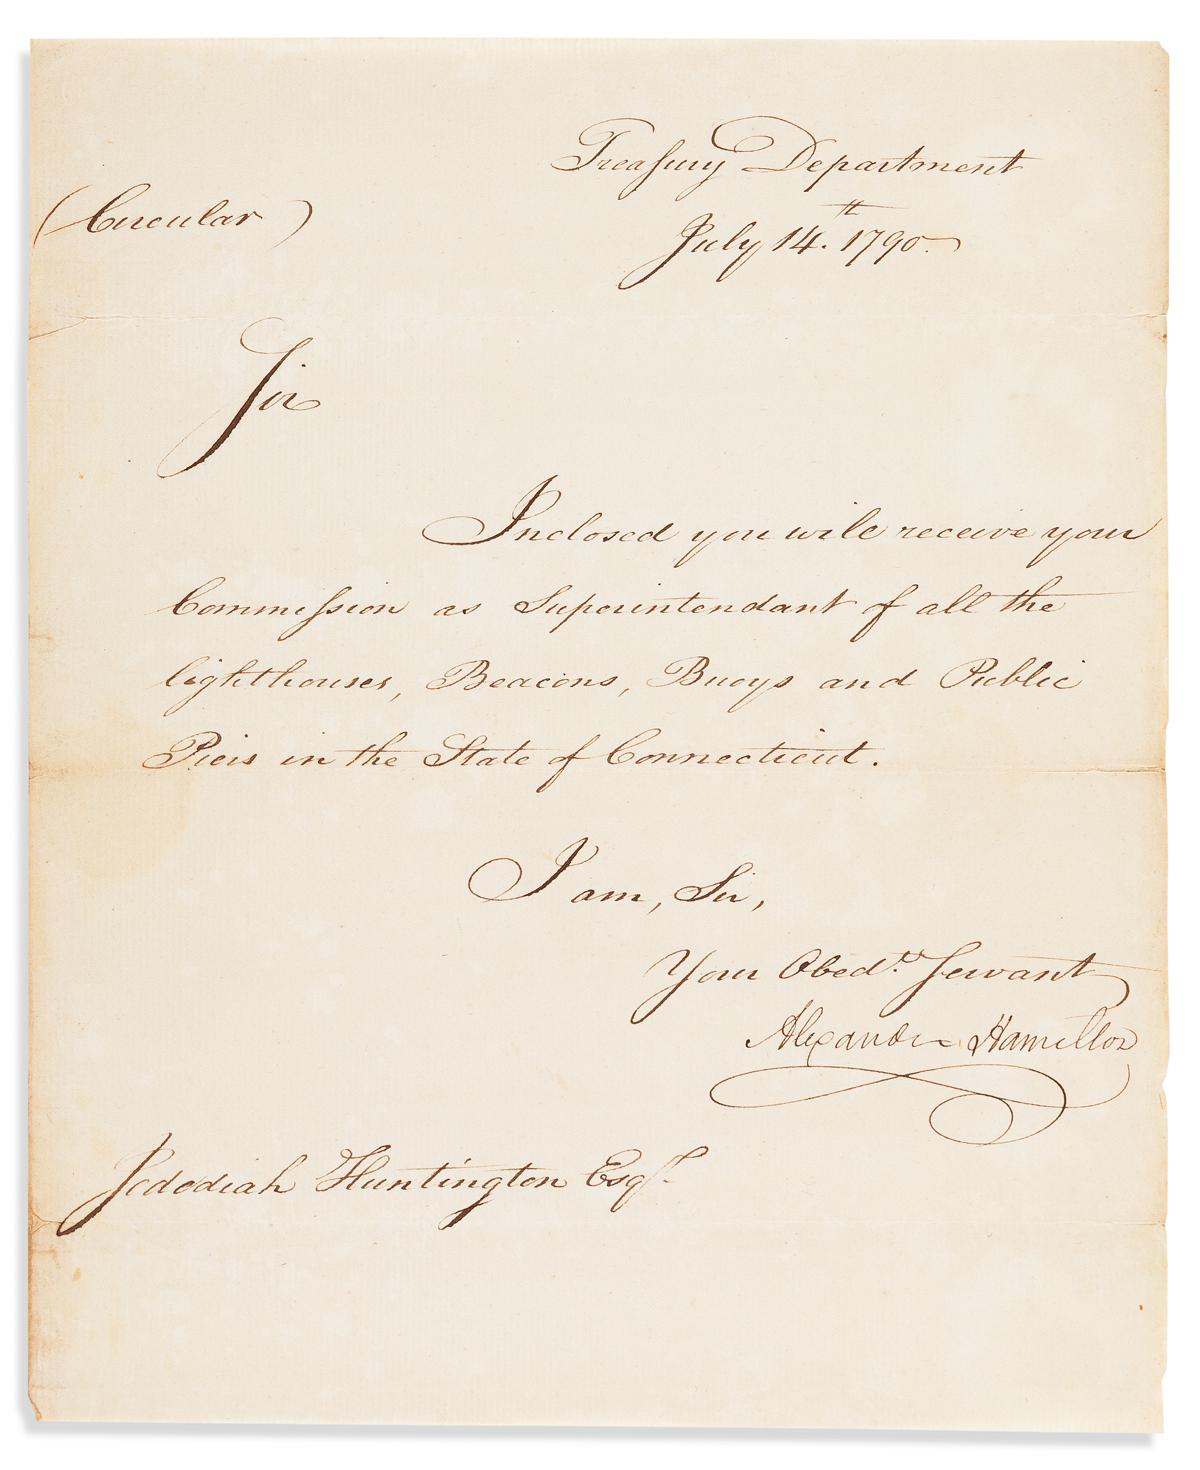 HAMILTON, ALEXANDER. Letter Signed, as Secretary of the Treasury, to Jedediah Huntington,